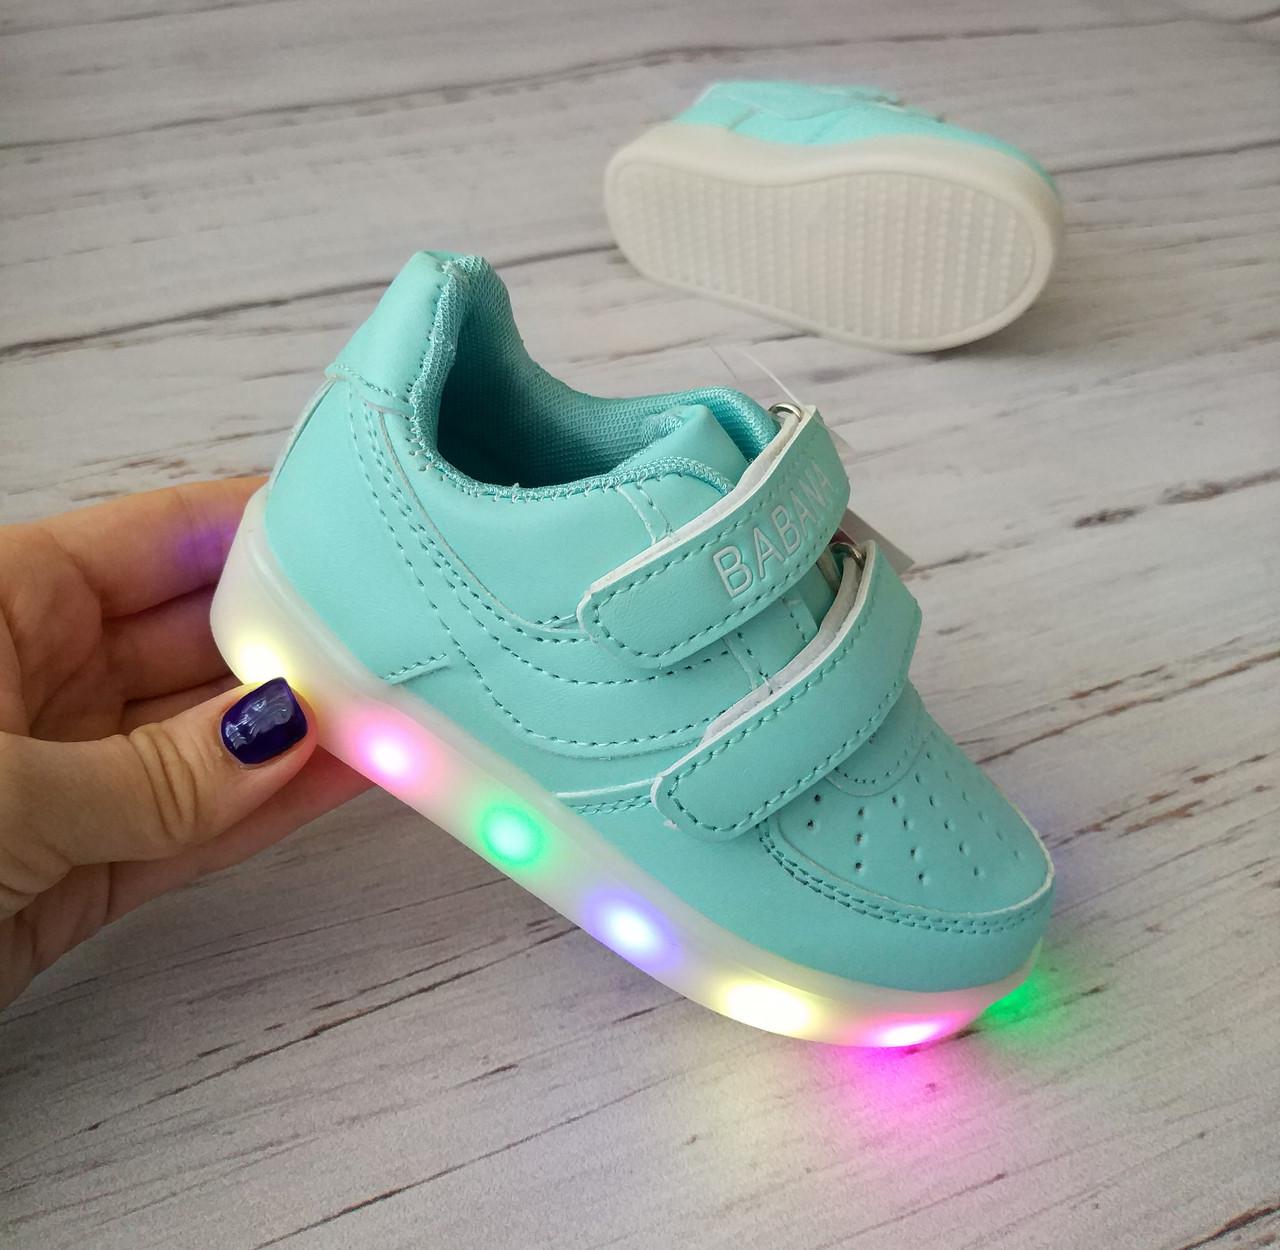 Обувь для девочек, детские кроссовки с подсветкой голубые Babana (Польша)